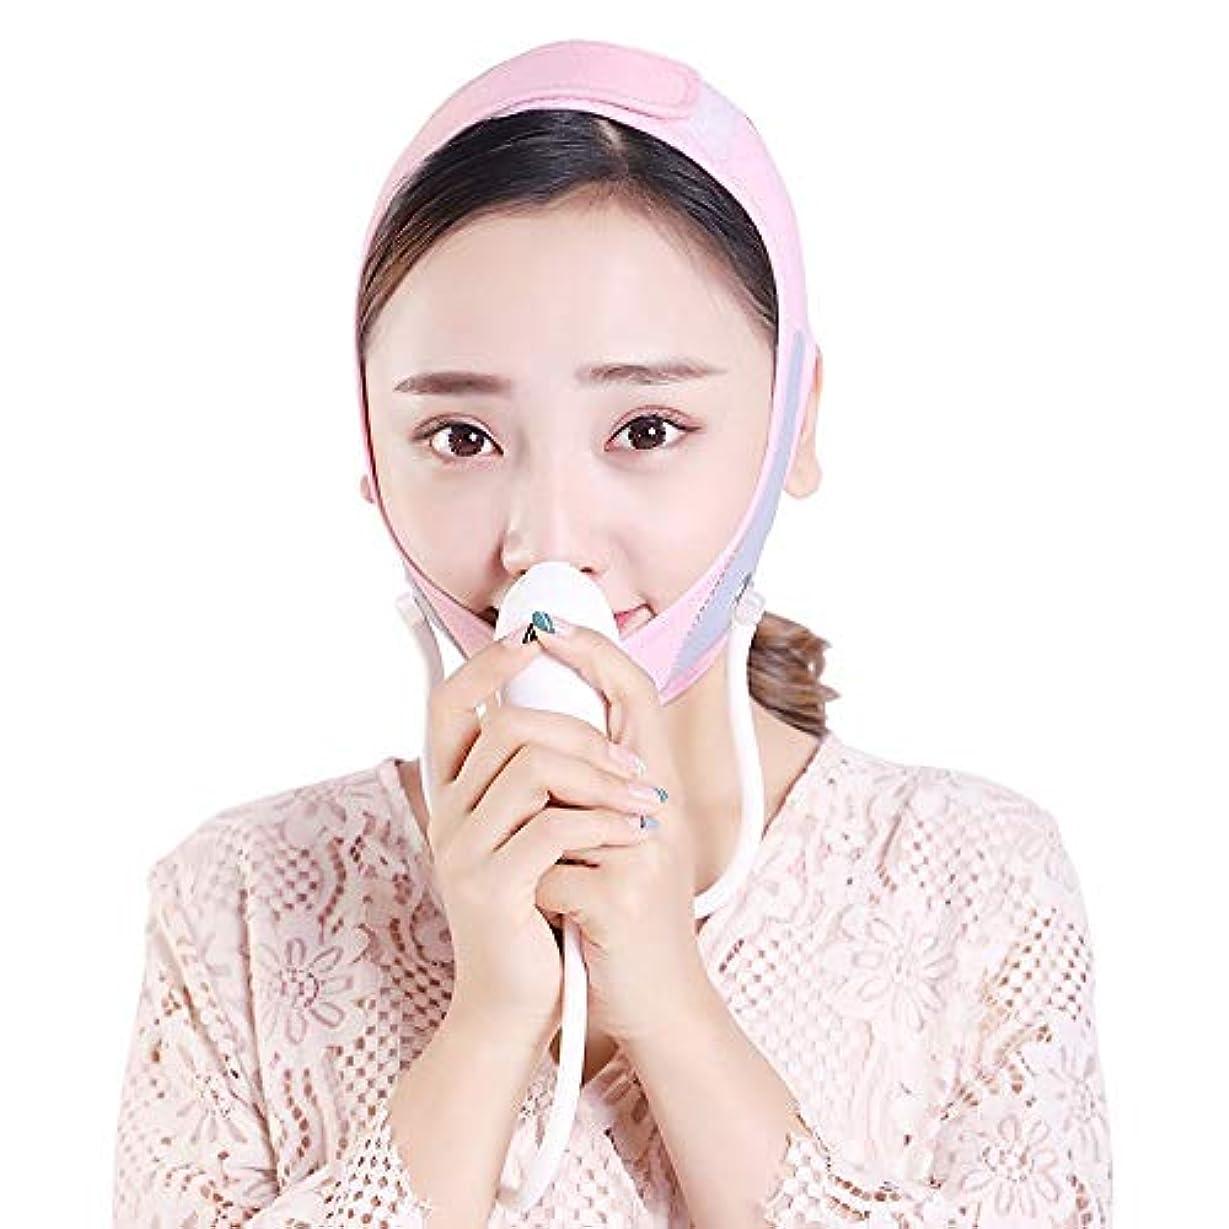 痛いよく話される大理石GYZ インフレータブル調節可能なフェイスリフトアーチファクト包帯をダブルチンリフト引き締めカラスの足one骨のサイズV顔ユニセックス - ピンク Thin Face Belt